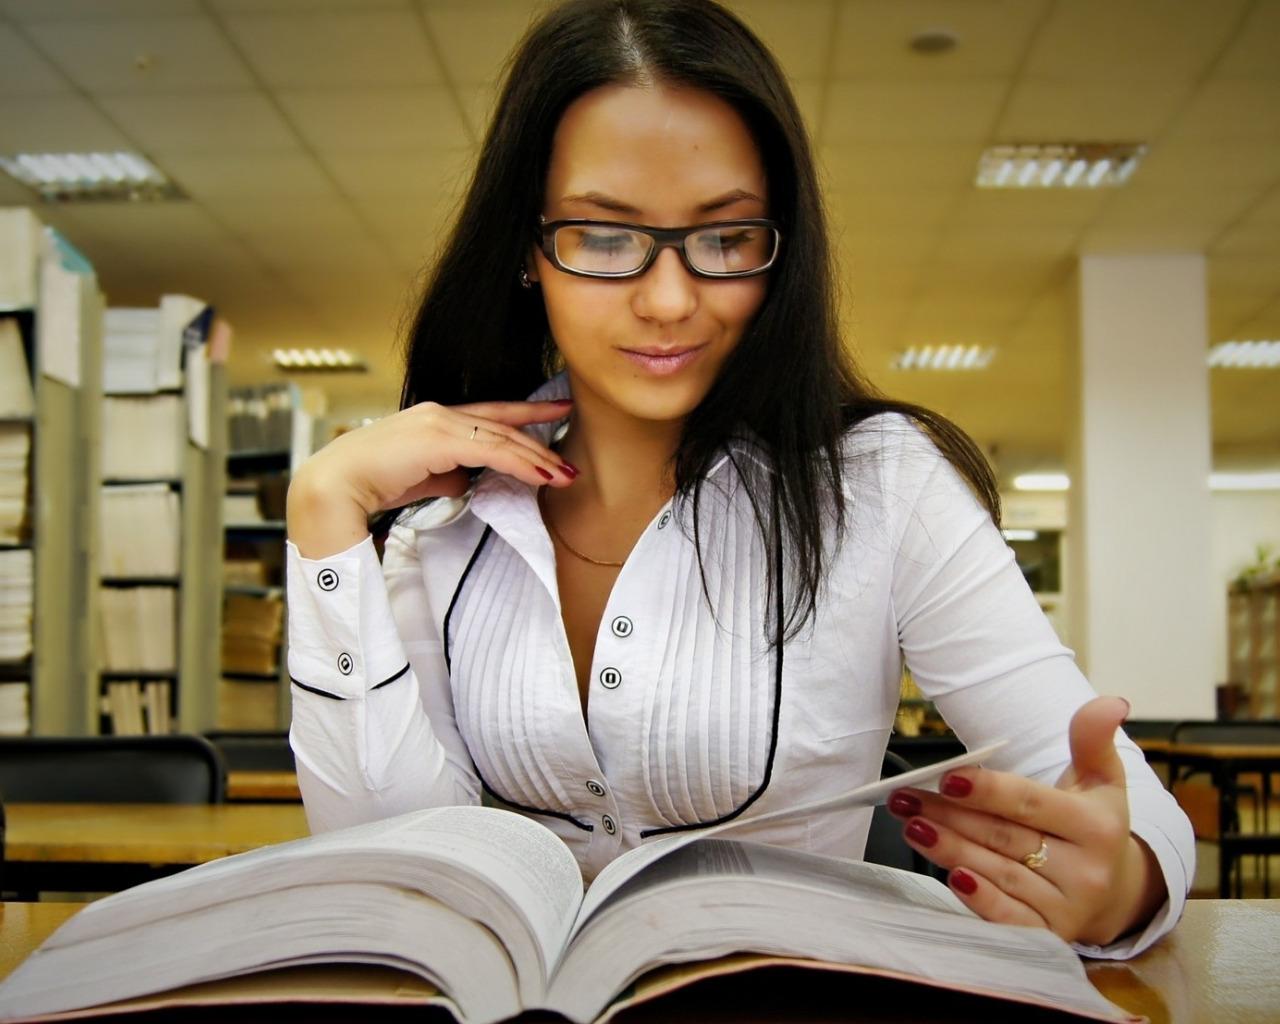 Эротическая библиотека читать онлайн, Эротические истории. Порно рассказы. Откровенные 18 фотография